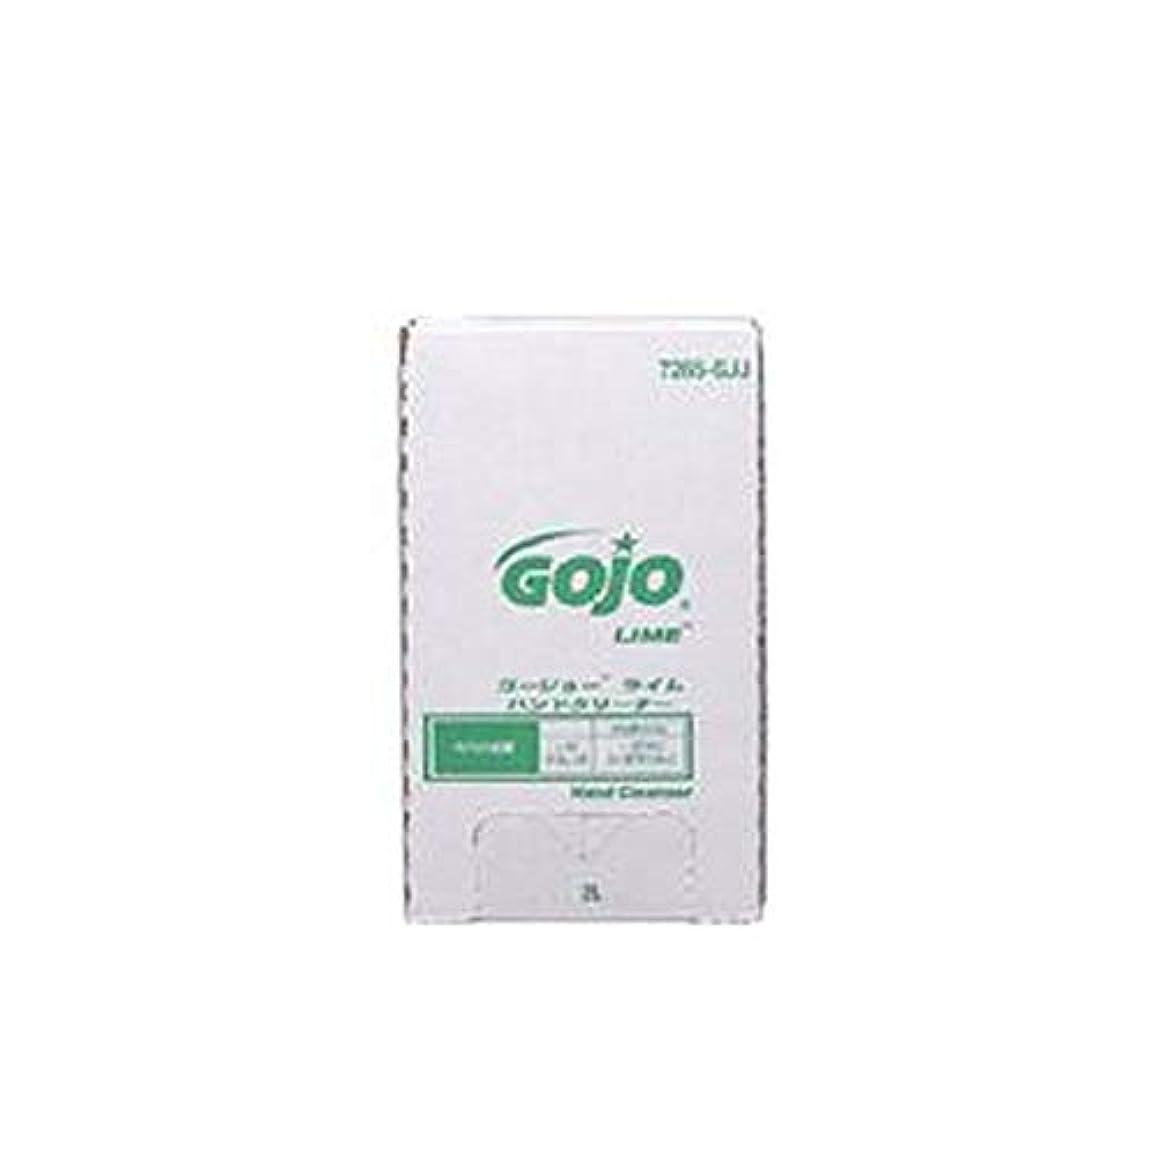 影響する厄介な監督するGOJO == ゴージョー == / 7265 / ライム/ハンドクリーナー / ディスペンサー用2000ML